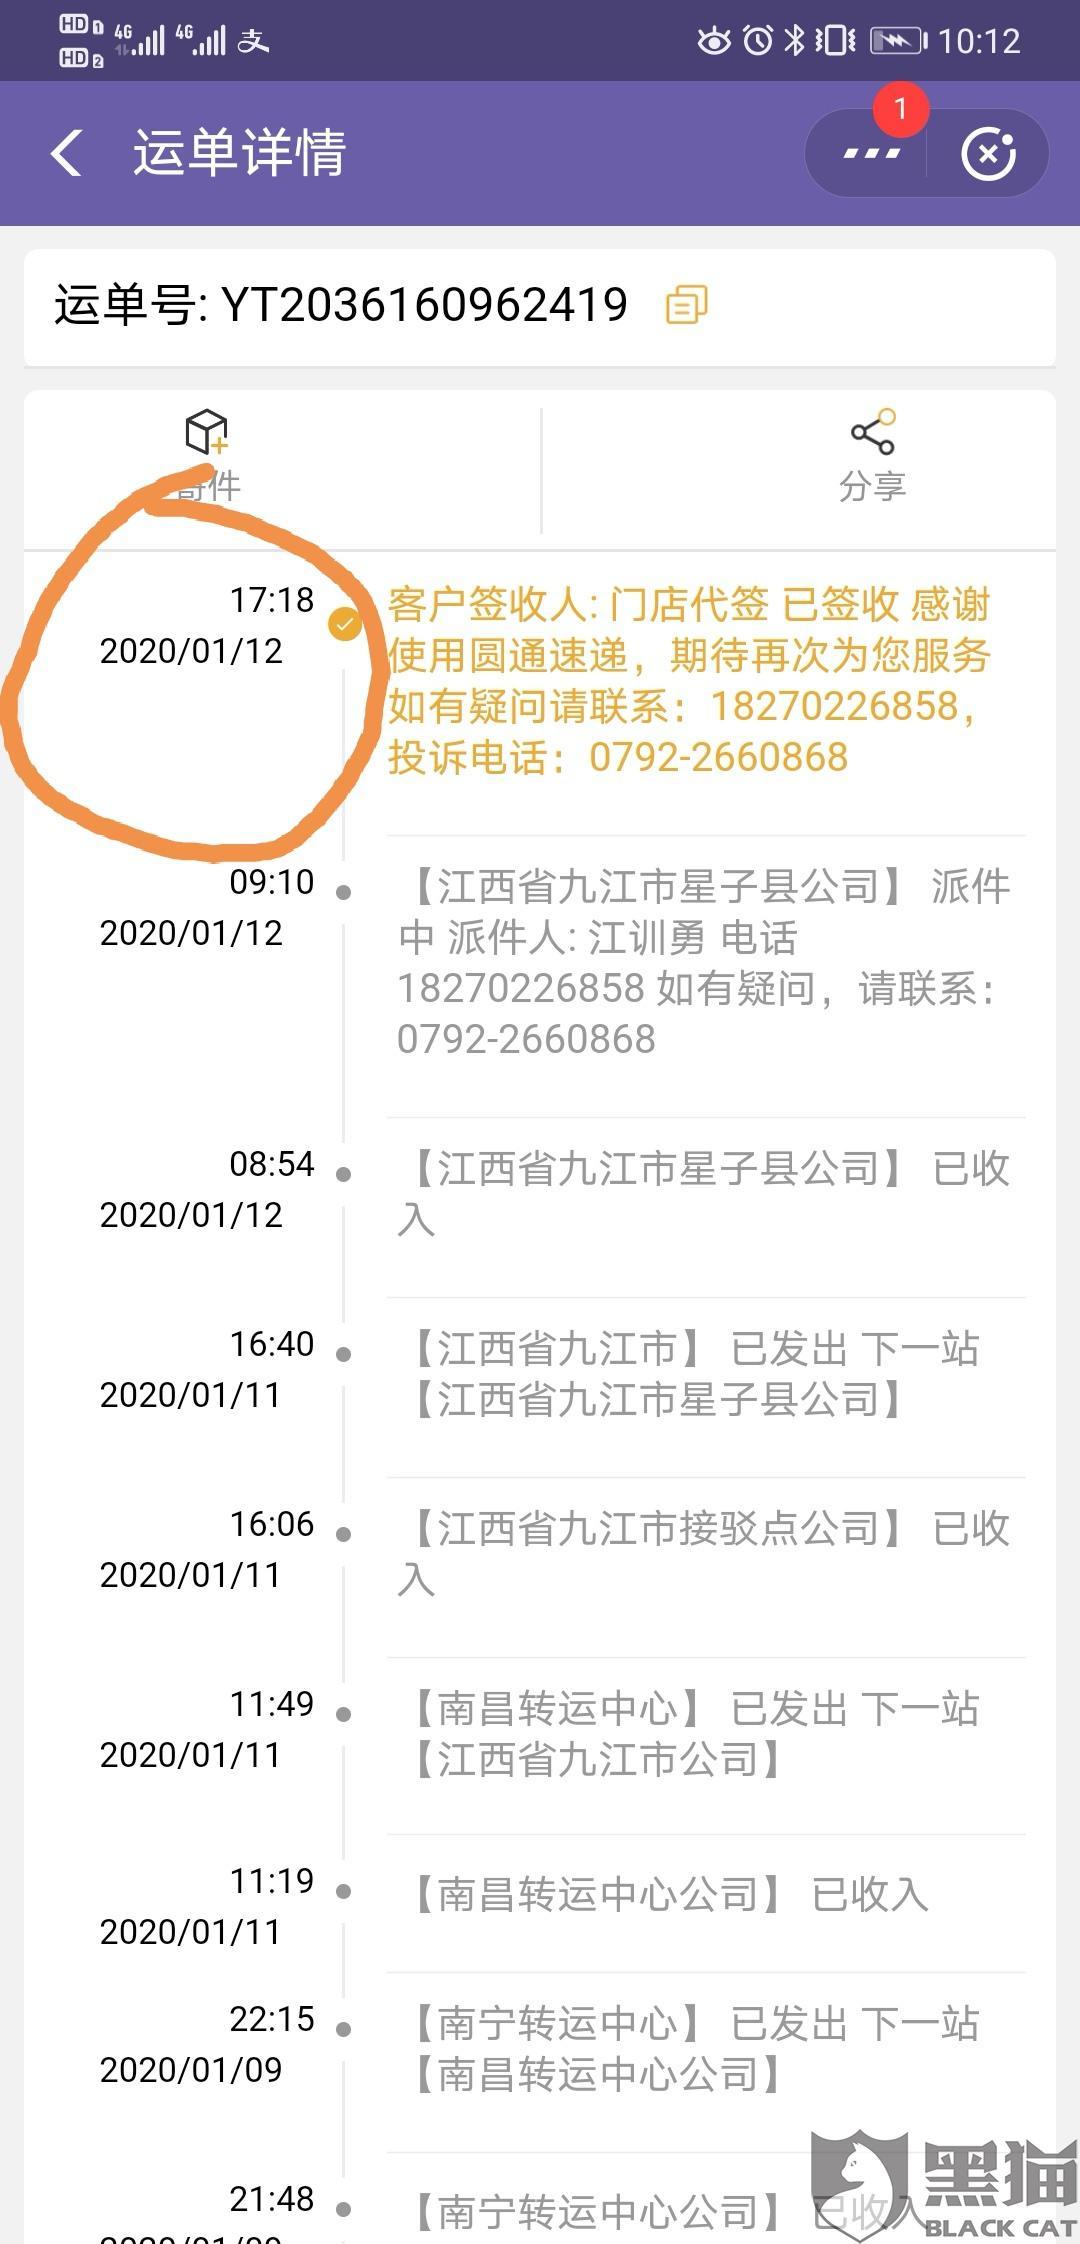 黑猫投诉:江西省九江市庐山市天猫优品服务站星光大道合作店服务态度恶劣,签收不通知